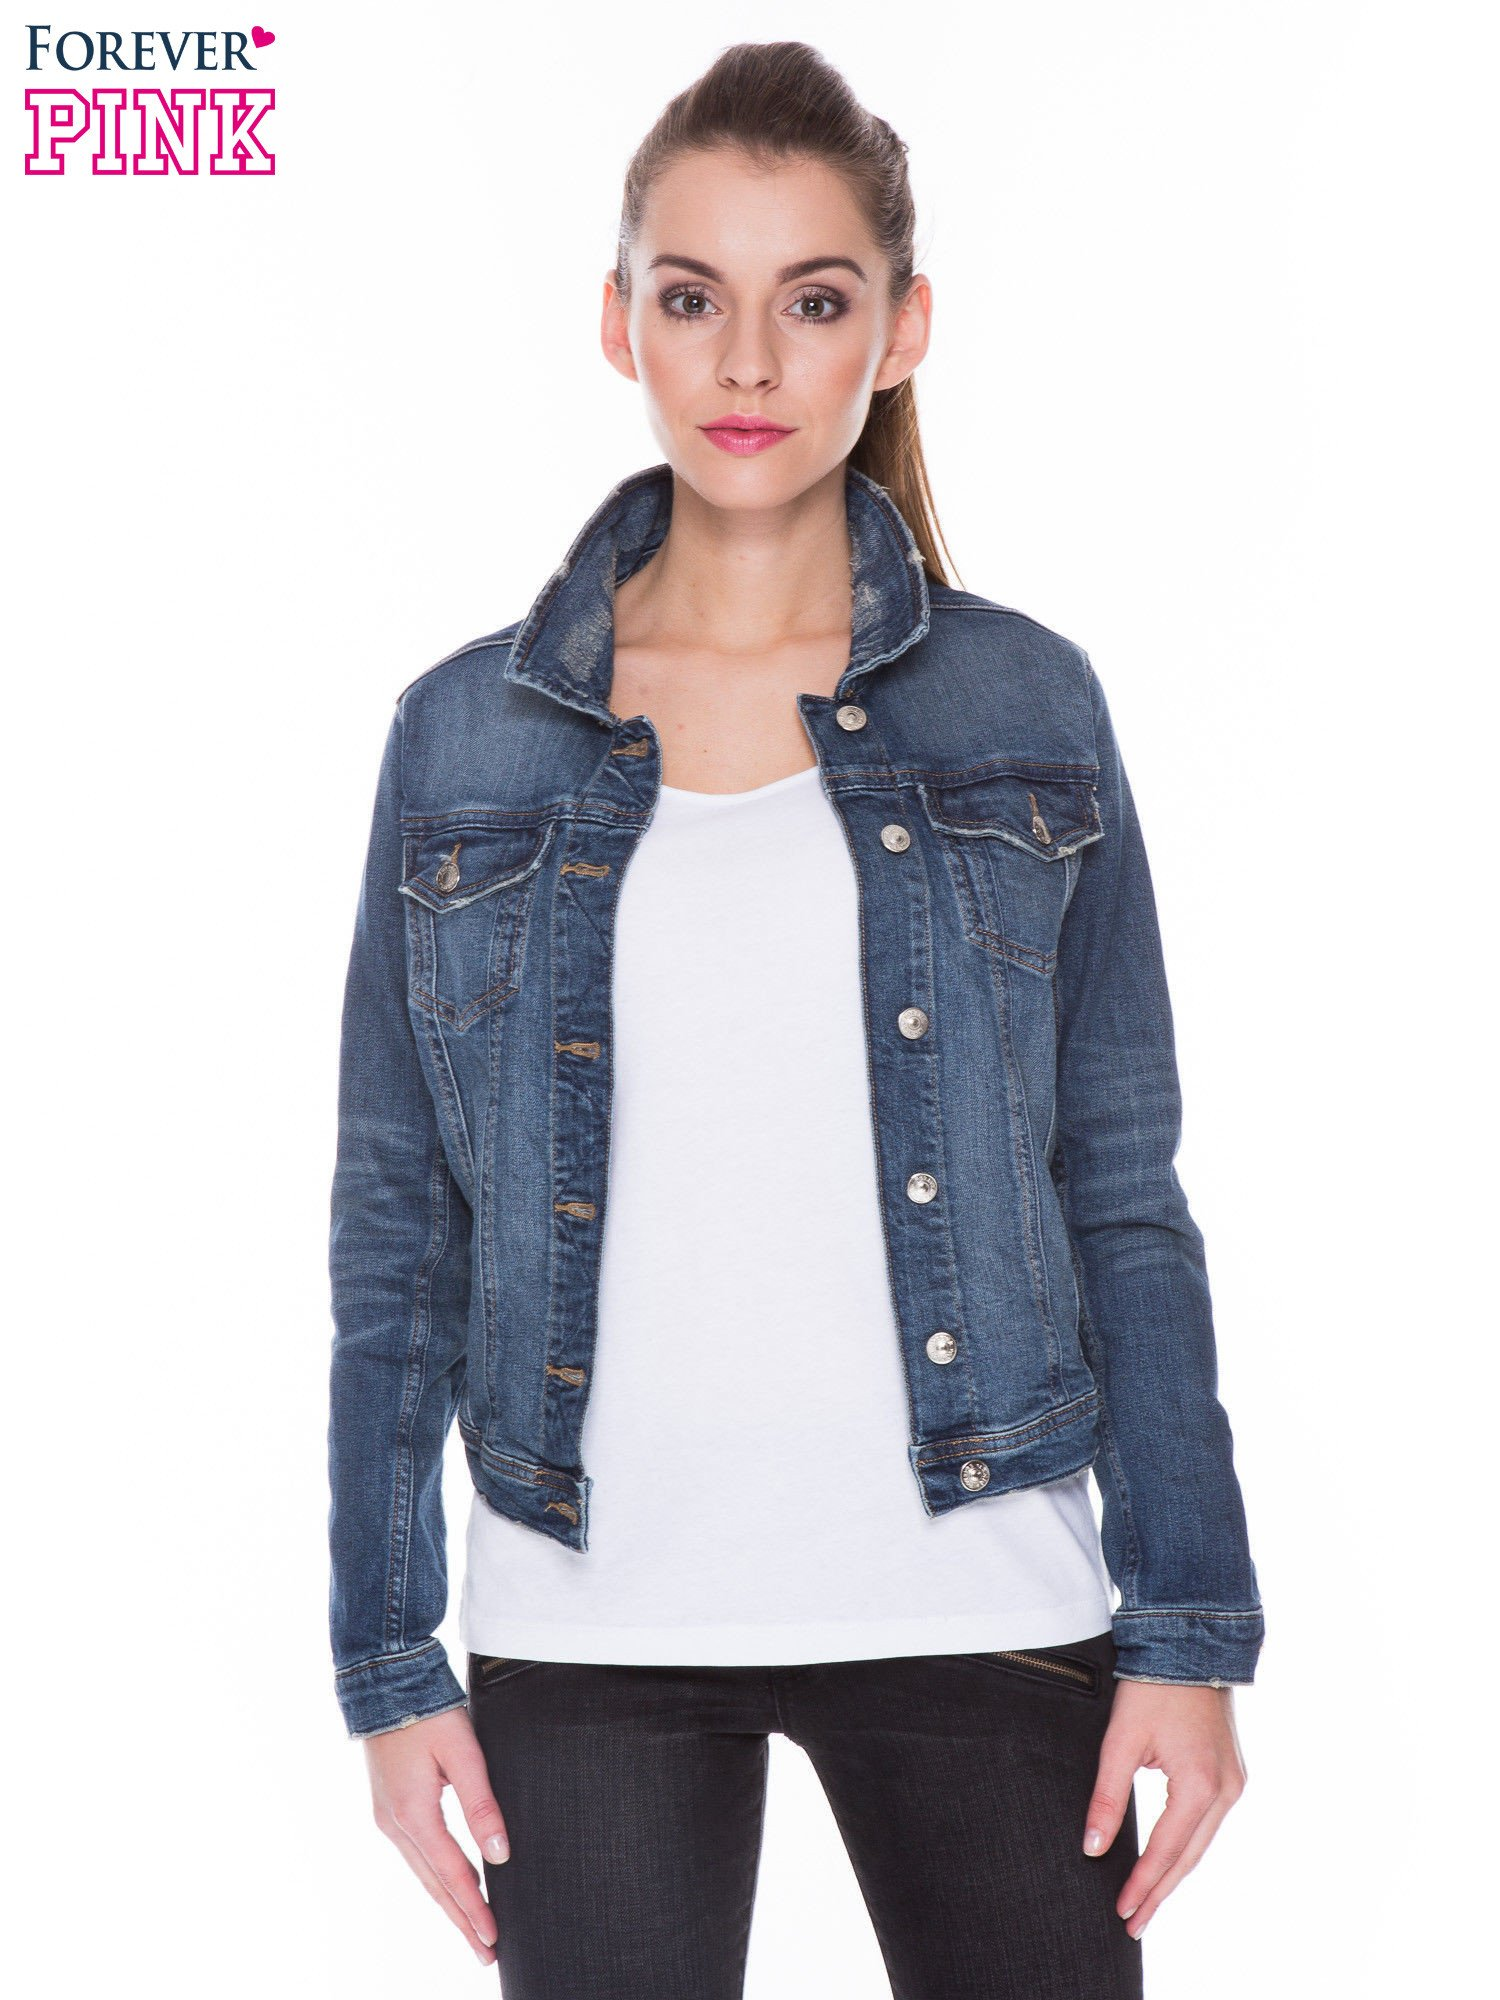 Ciemnoniebieska kurtka jeansowa z efektem przetarcia                                  zdj.                                  1